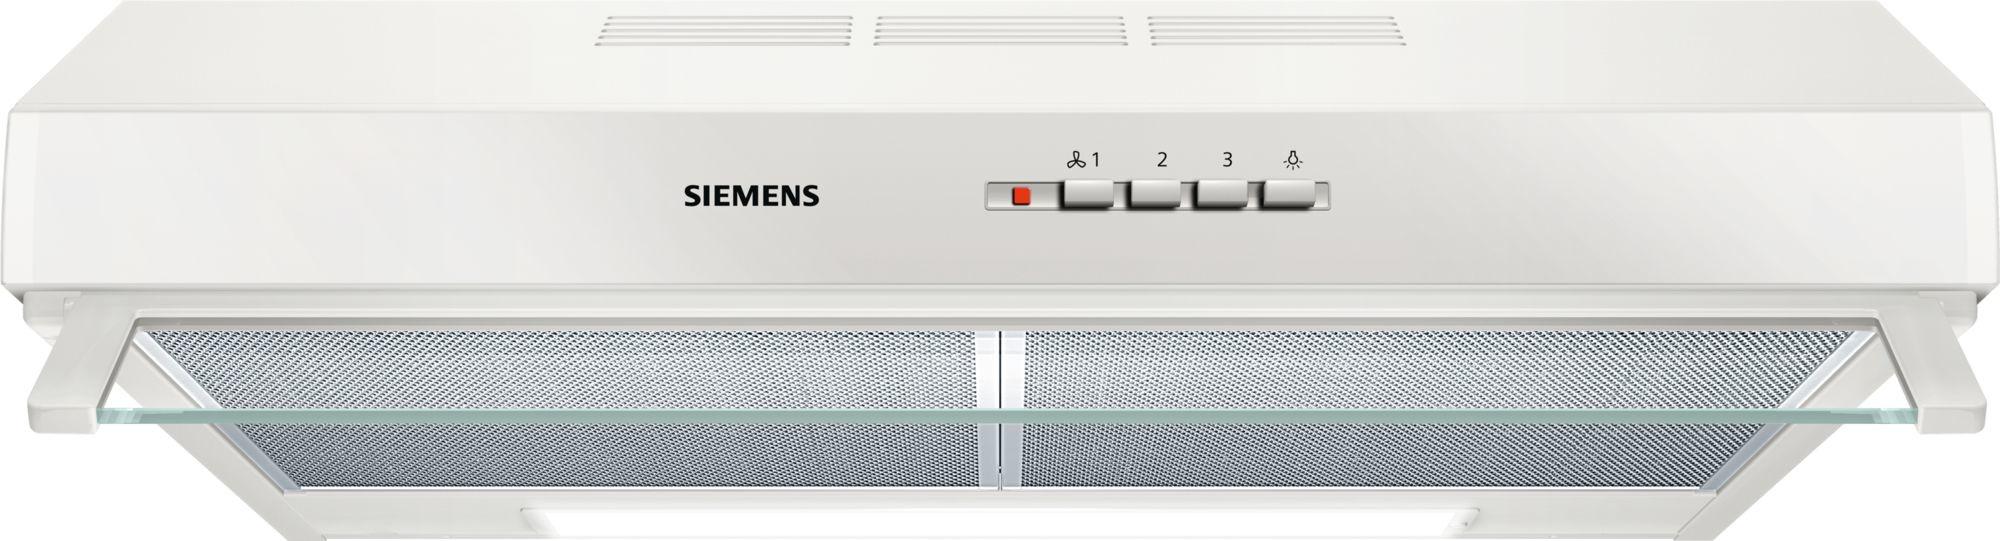 Siemens LU63LCC20 Afzuigkap